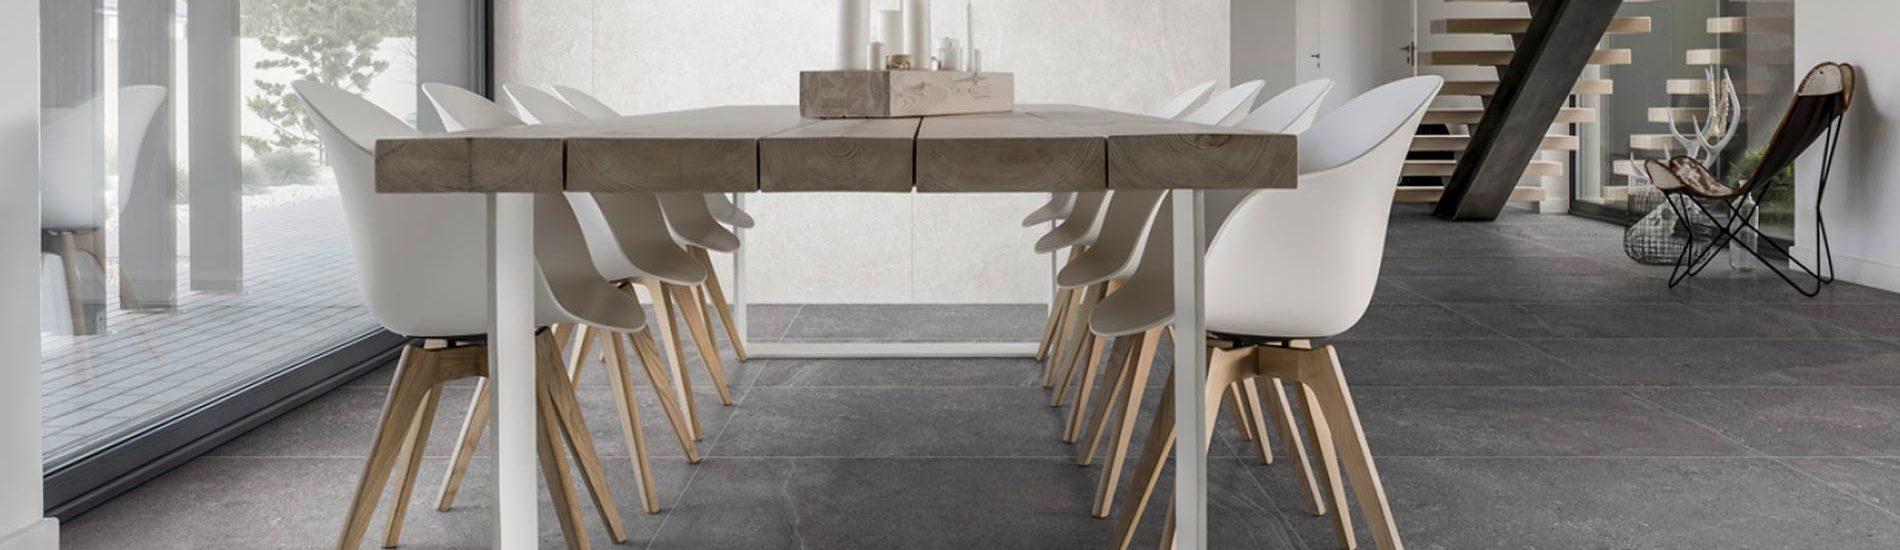 banner-trust-italian-contemporary-stone-look-floor-wall-tile-abitare-la-ceramica-orange-county